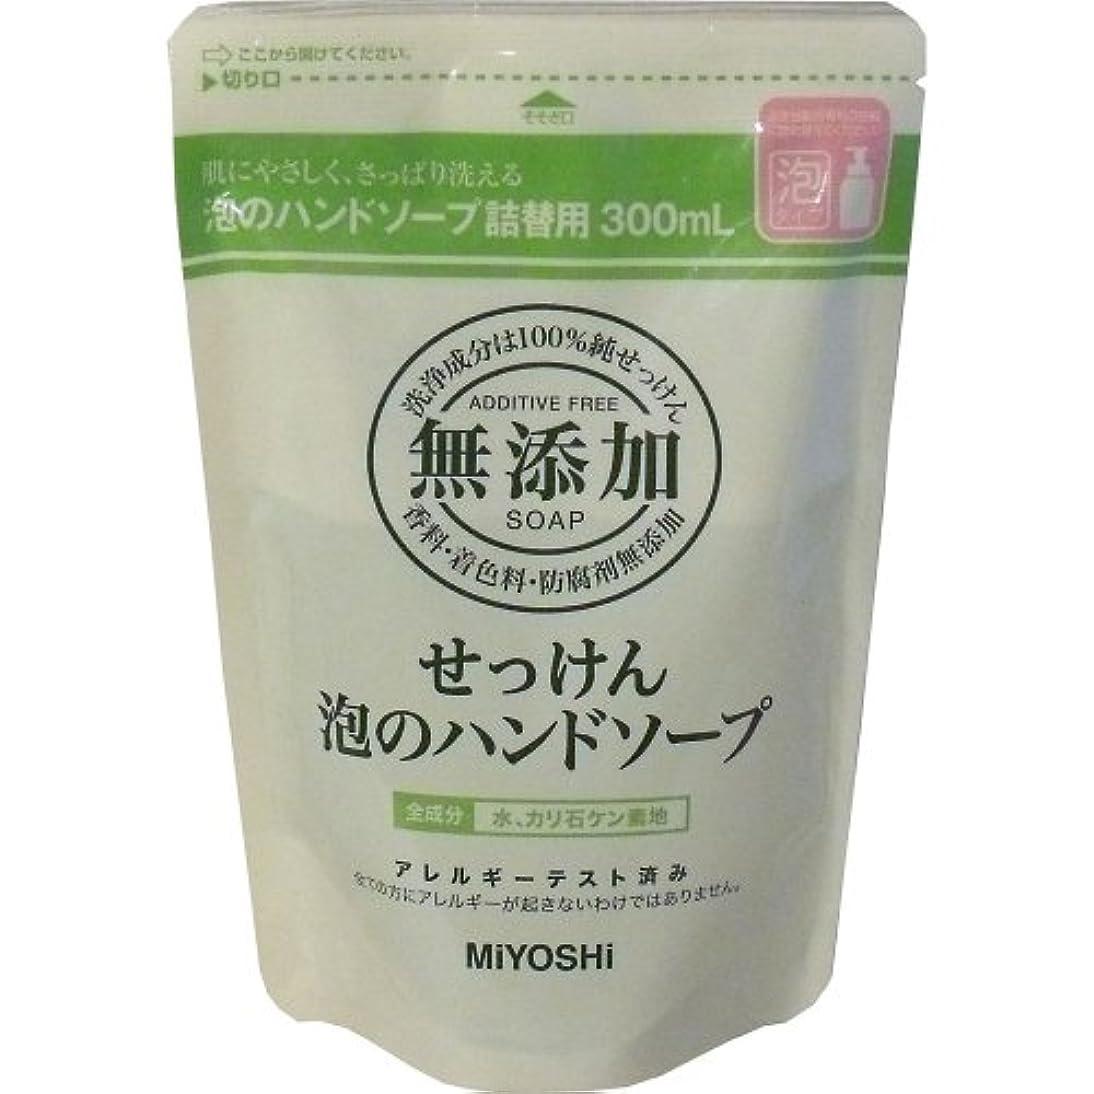 ミヨシ石鹸 無添加せっけん泡ハンドソープ 詰替用300ml×5